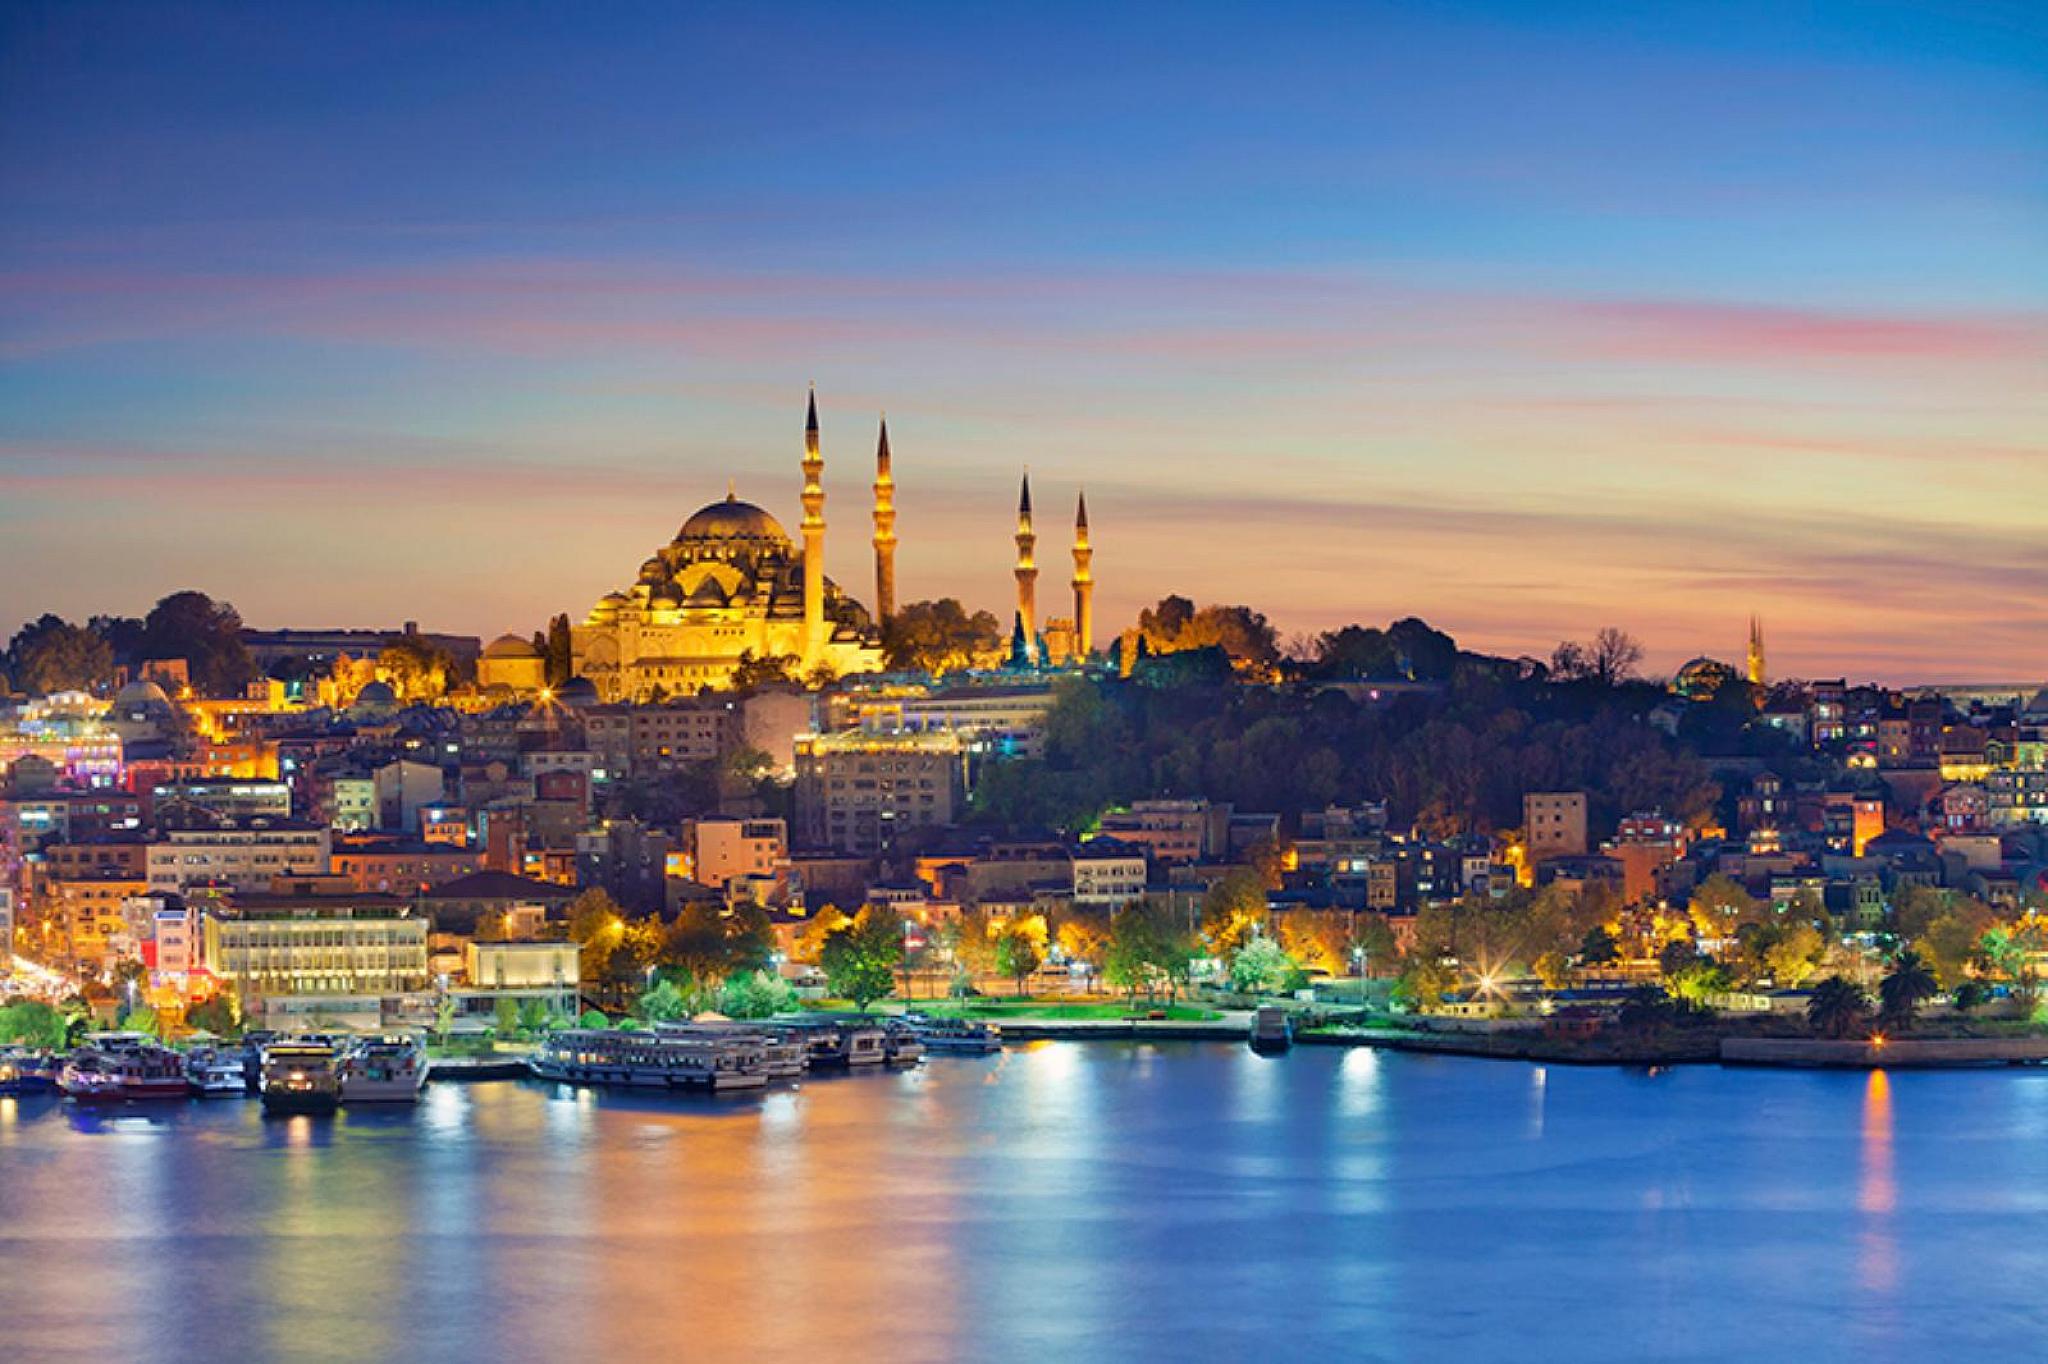 tur v turciju stambul 11 699 rub chel 2 - Тур в Турцию Стамбул 11 699 руб. чел.